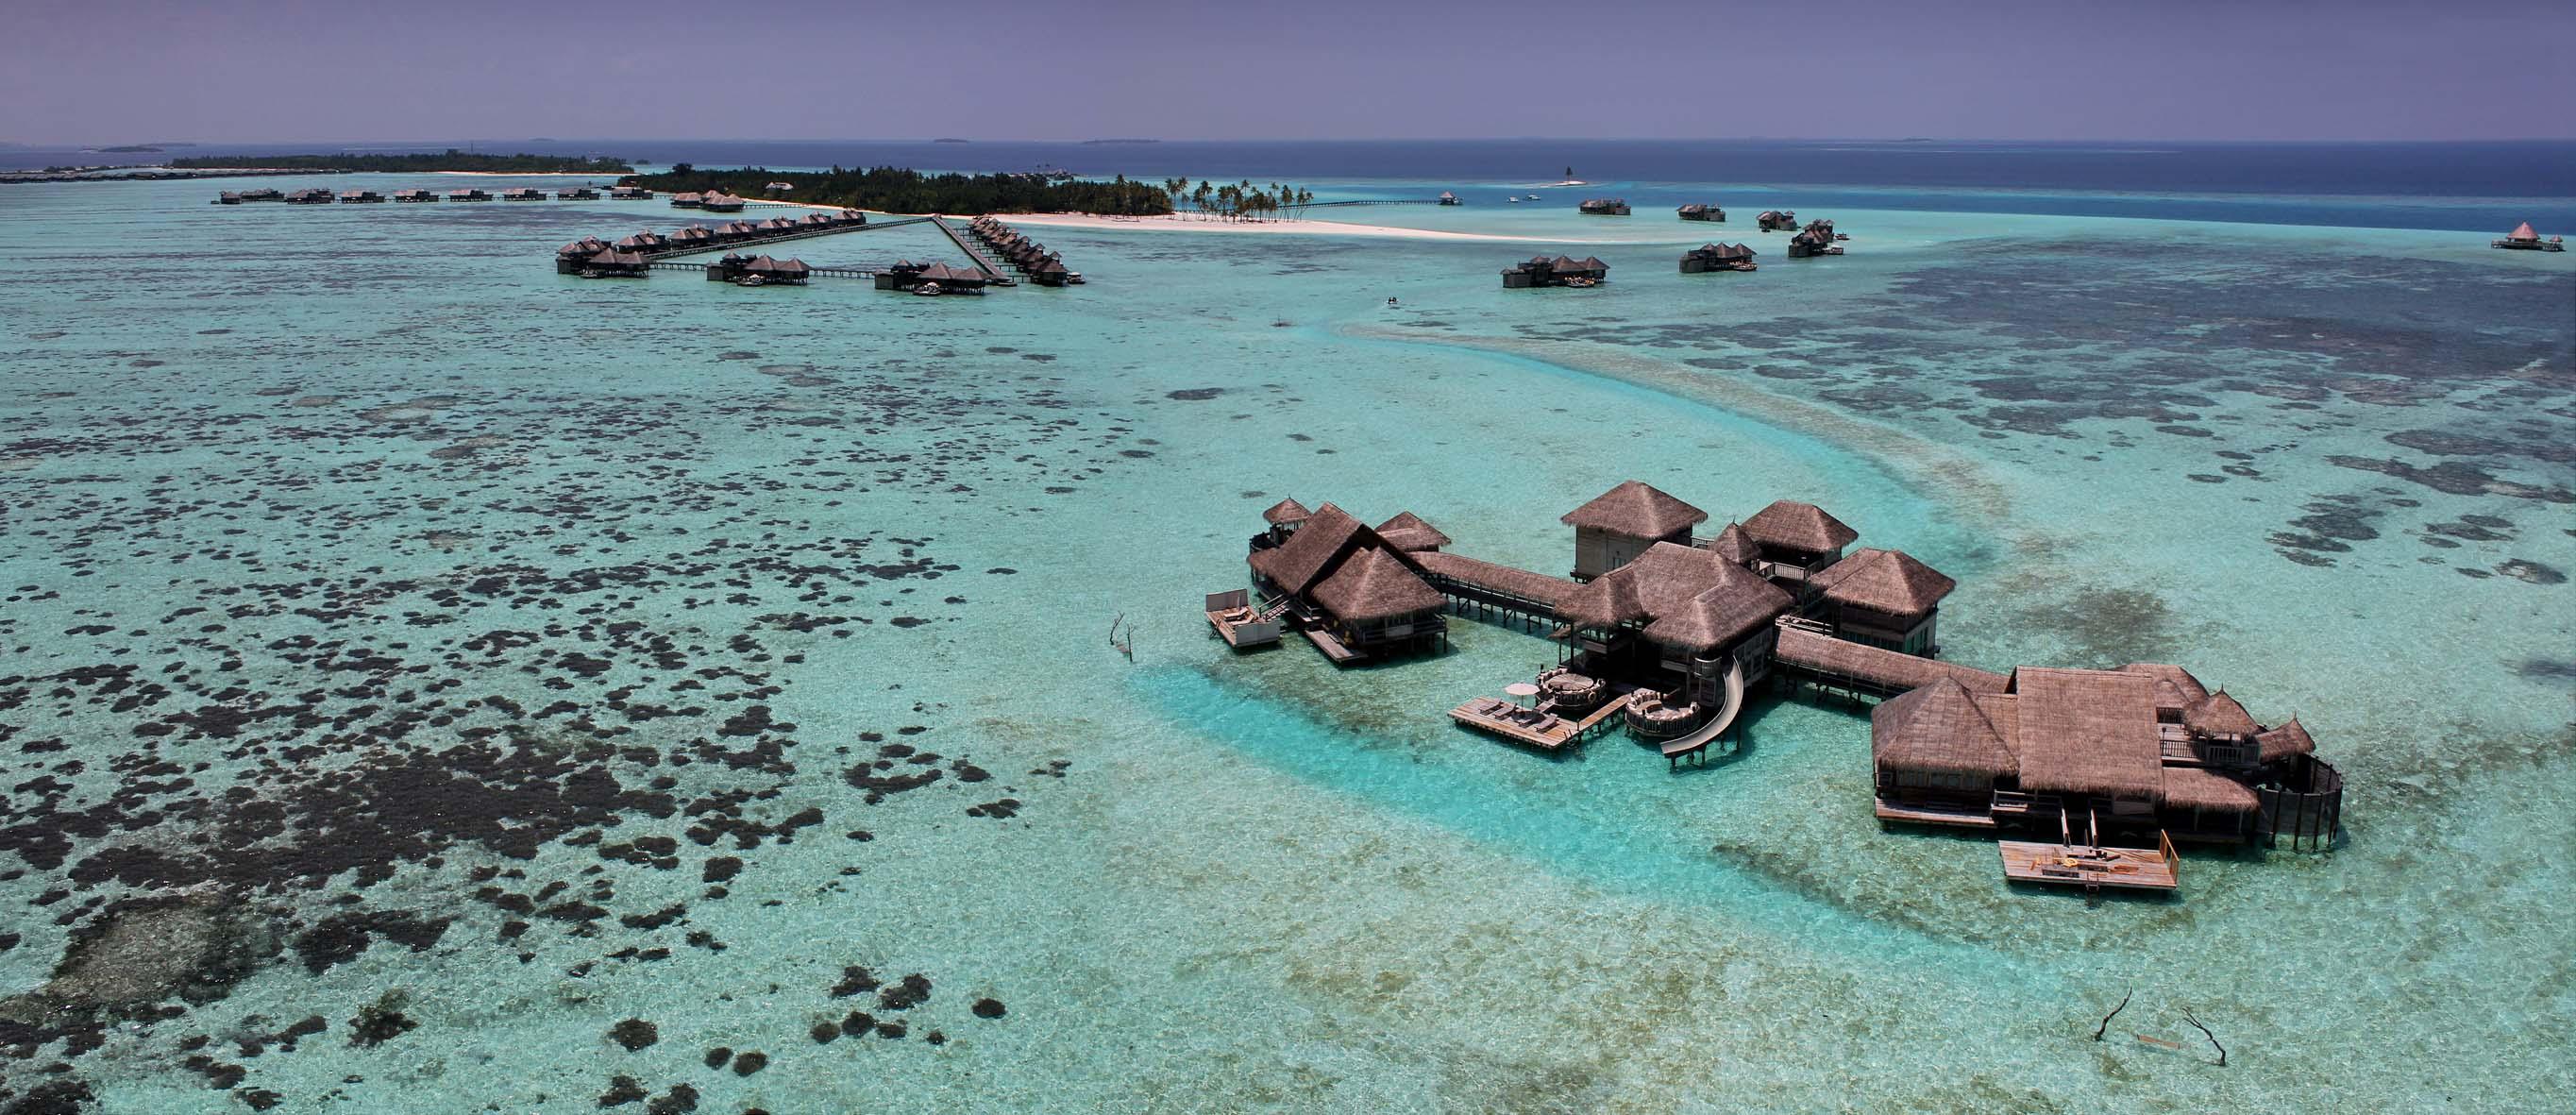 Gili-Lankanfushi-031